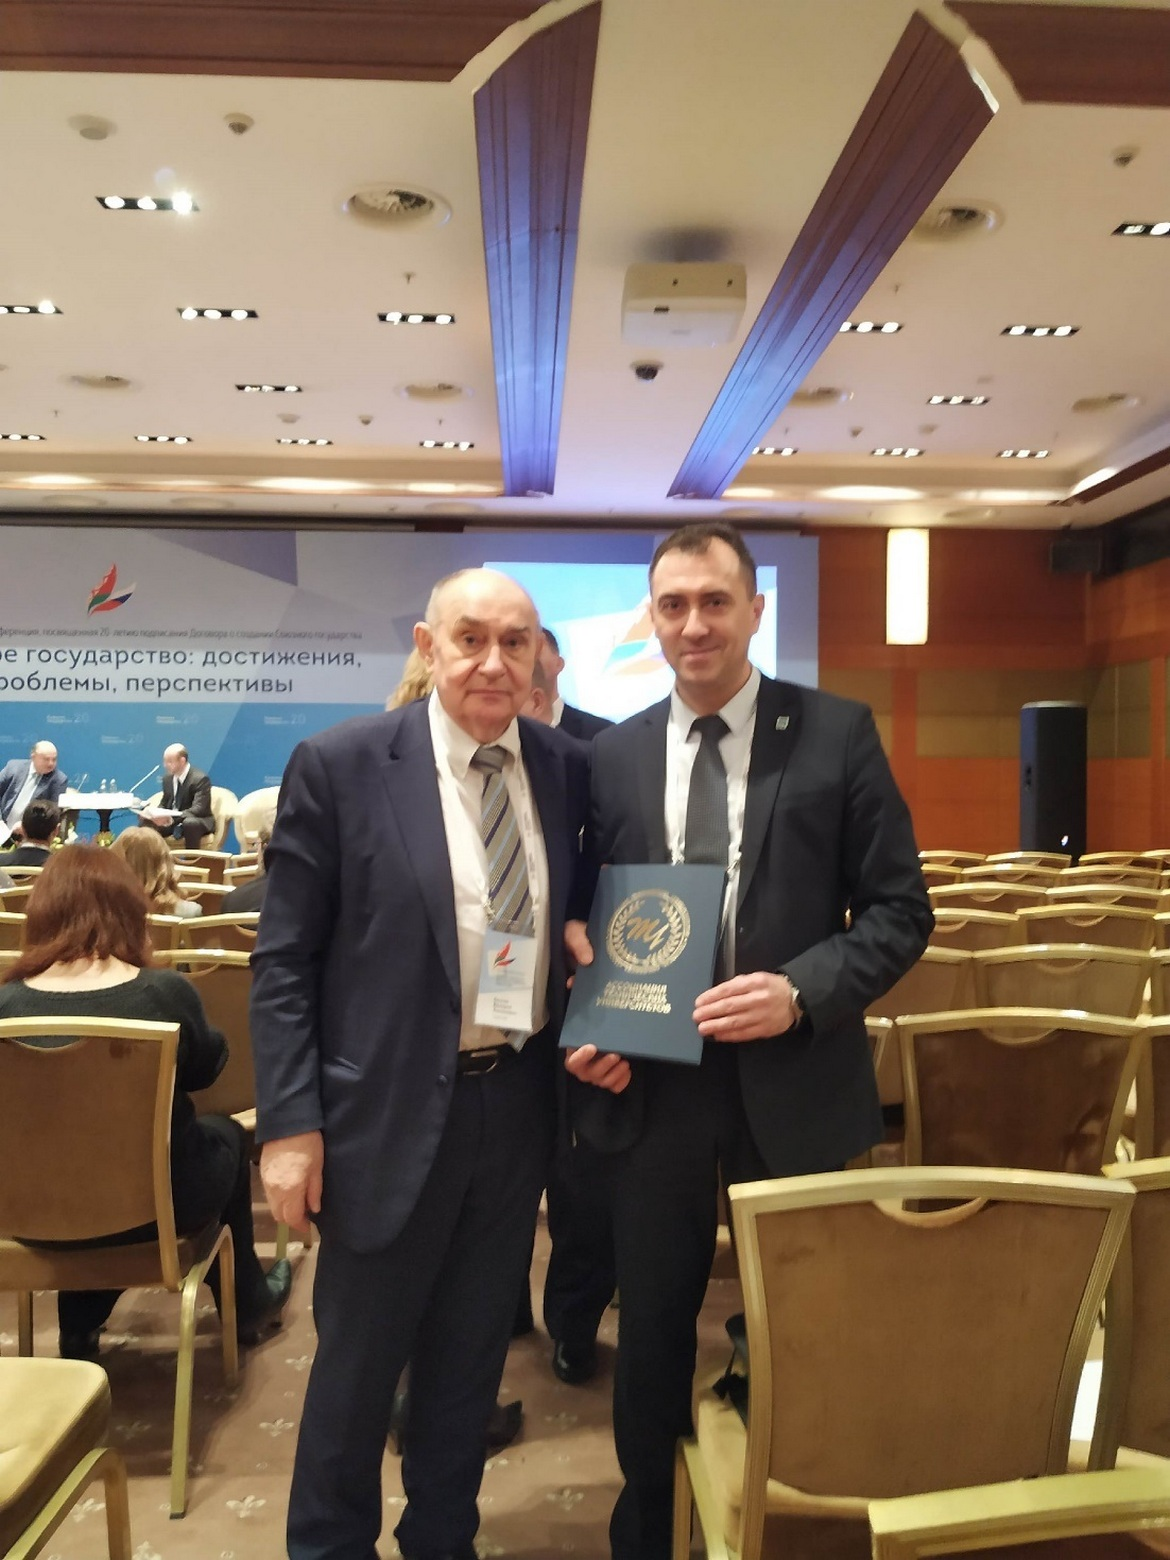 Могилевский БРУ принят в состав членов Ассоциации технических университетов